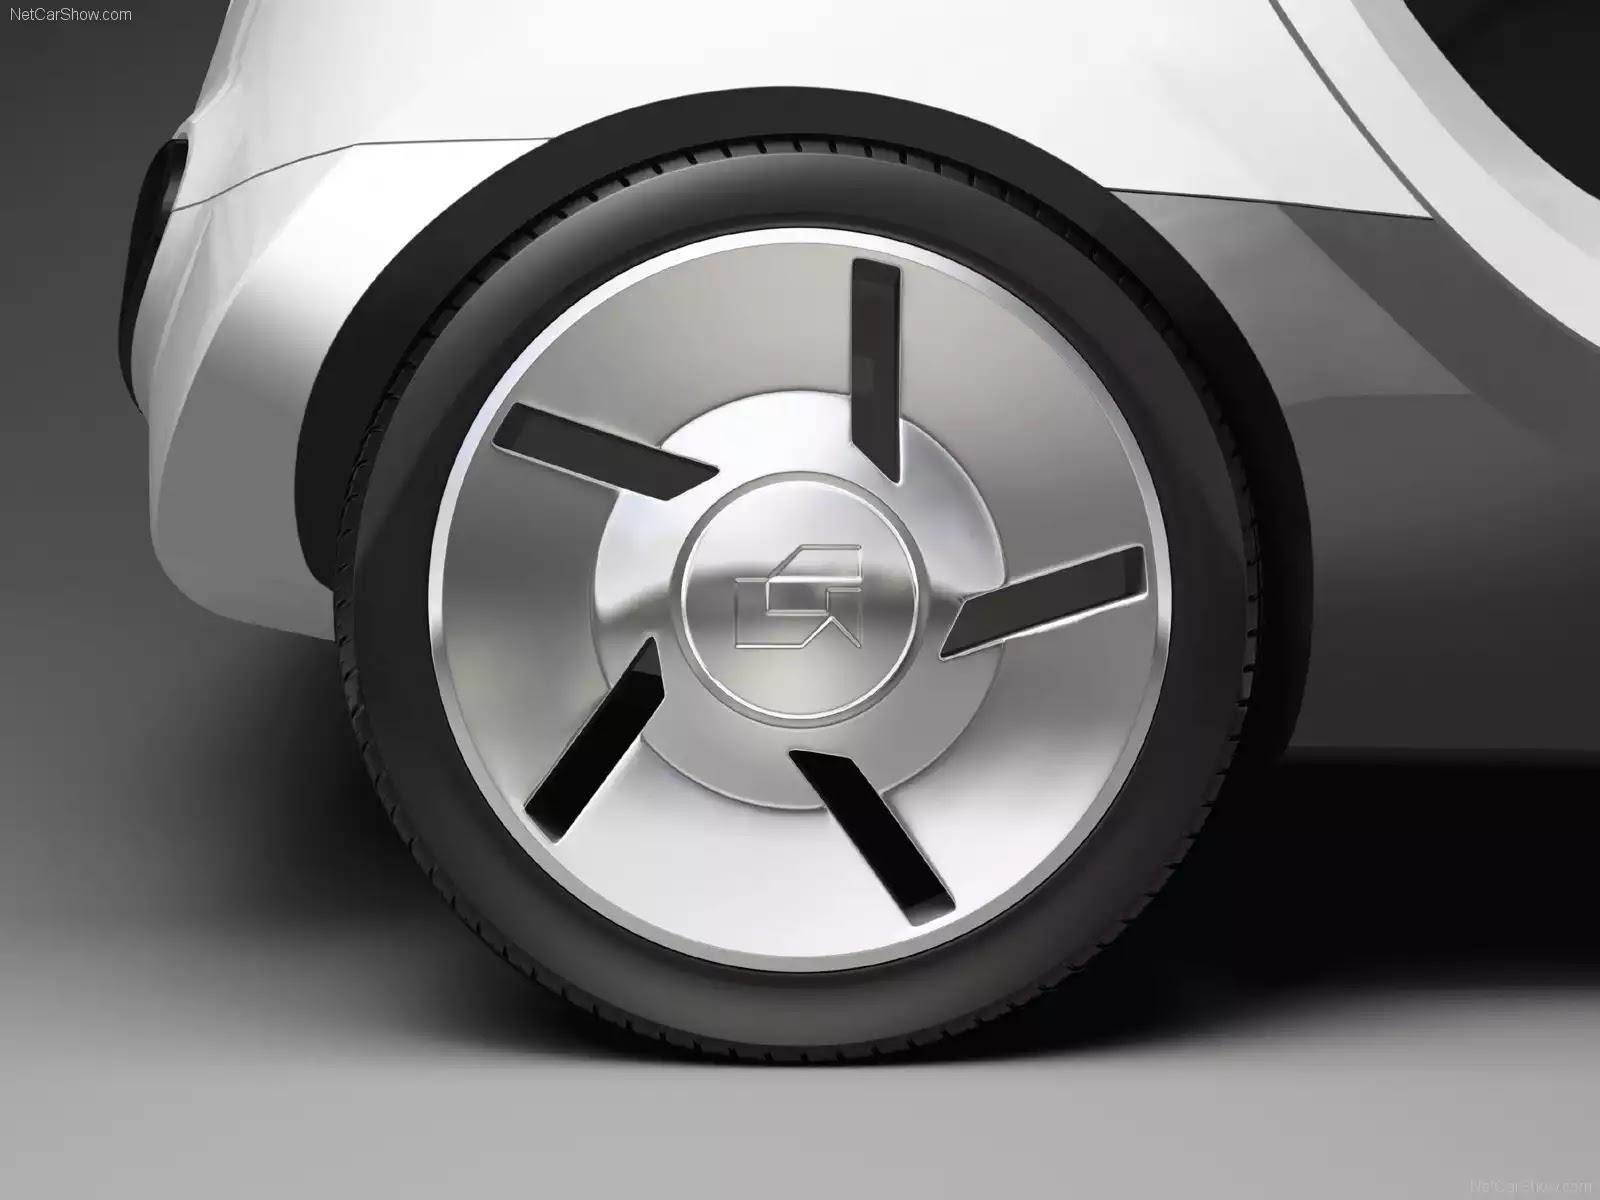 Hình ảnh xe ô tô Chrysler GEM Peapod 2009 & nội ngoại thất